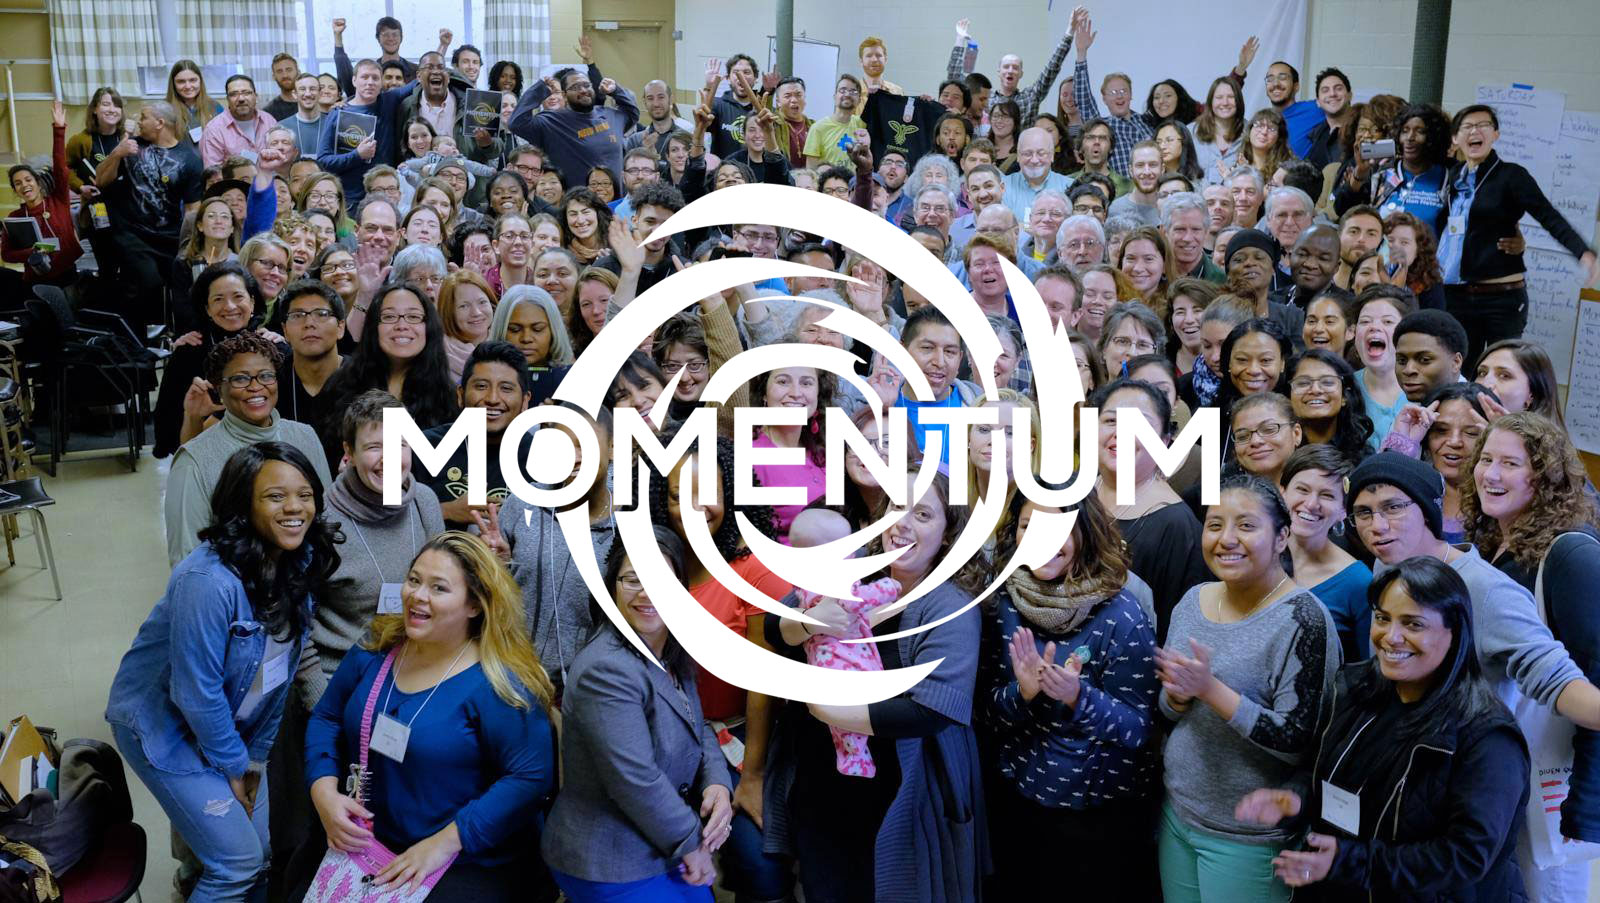 Momentum_Photo.jpg